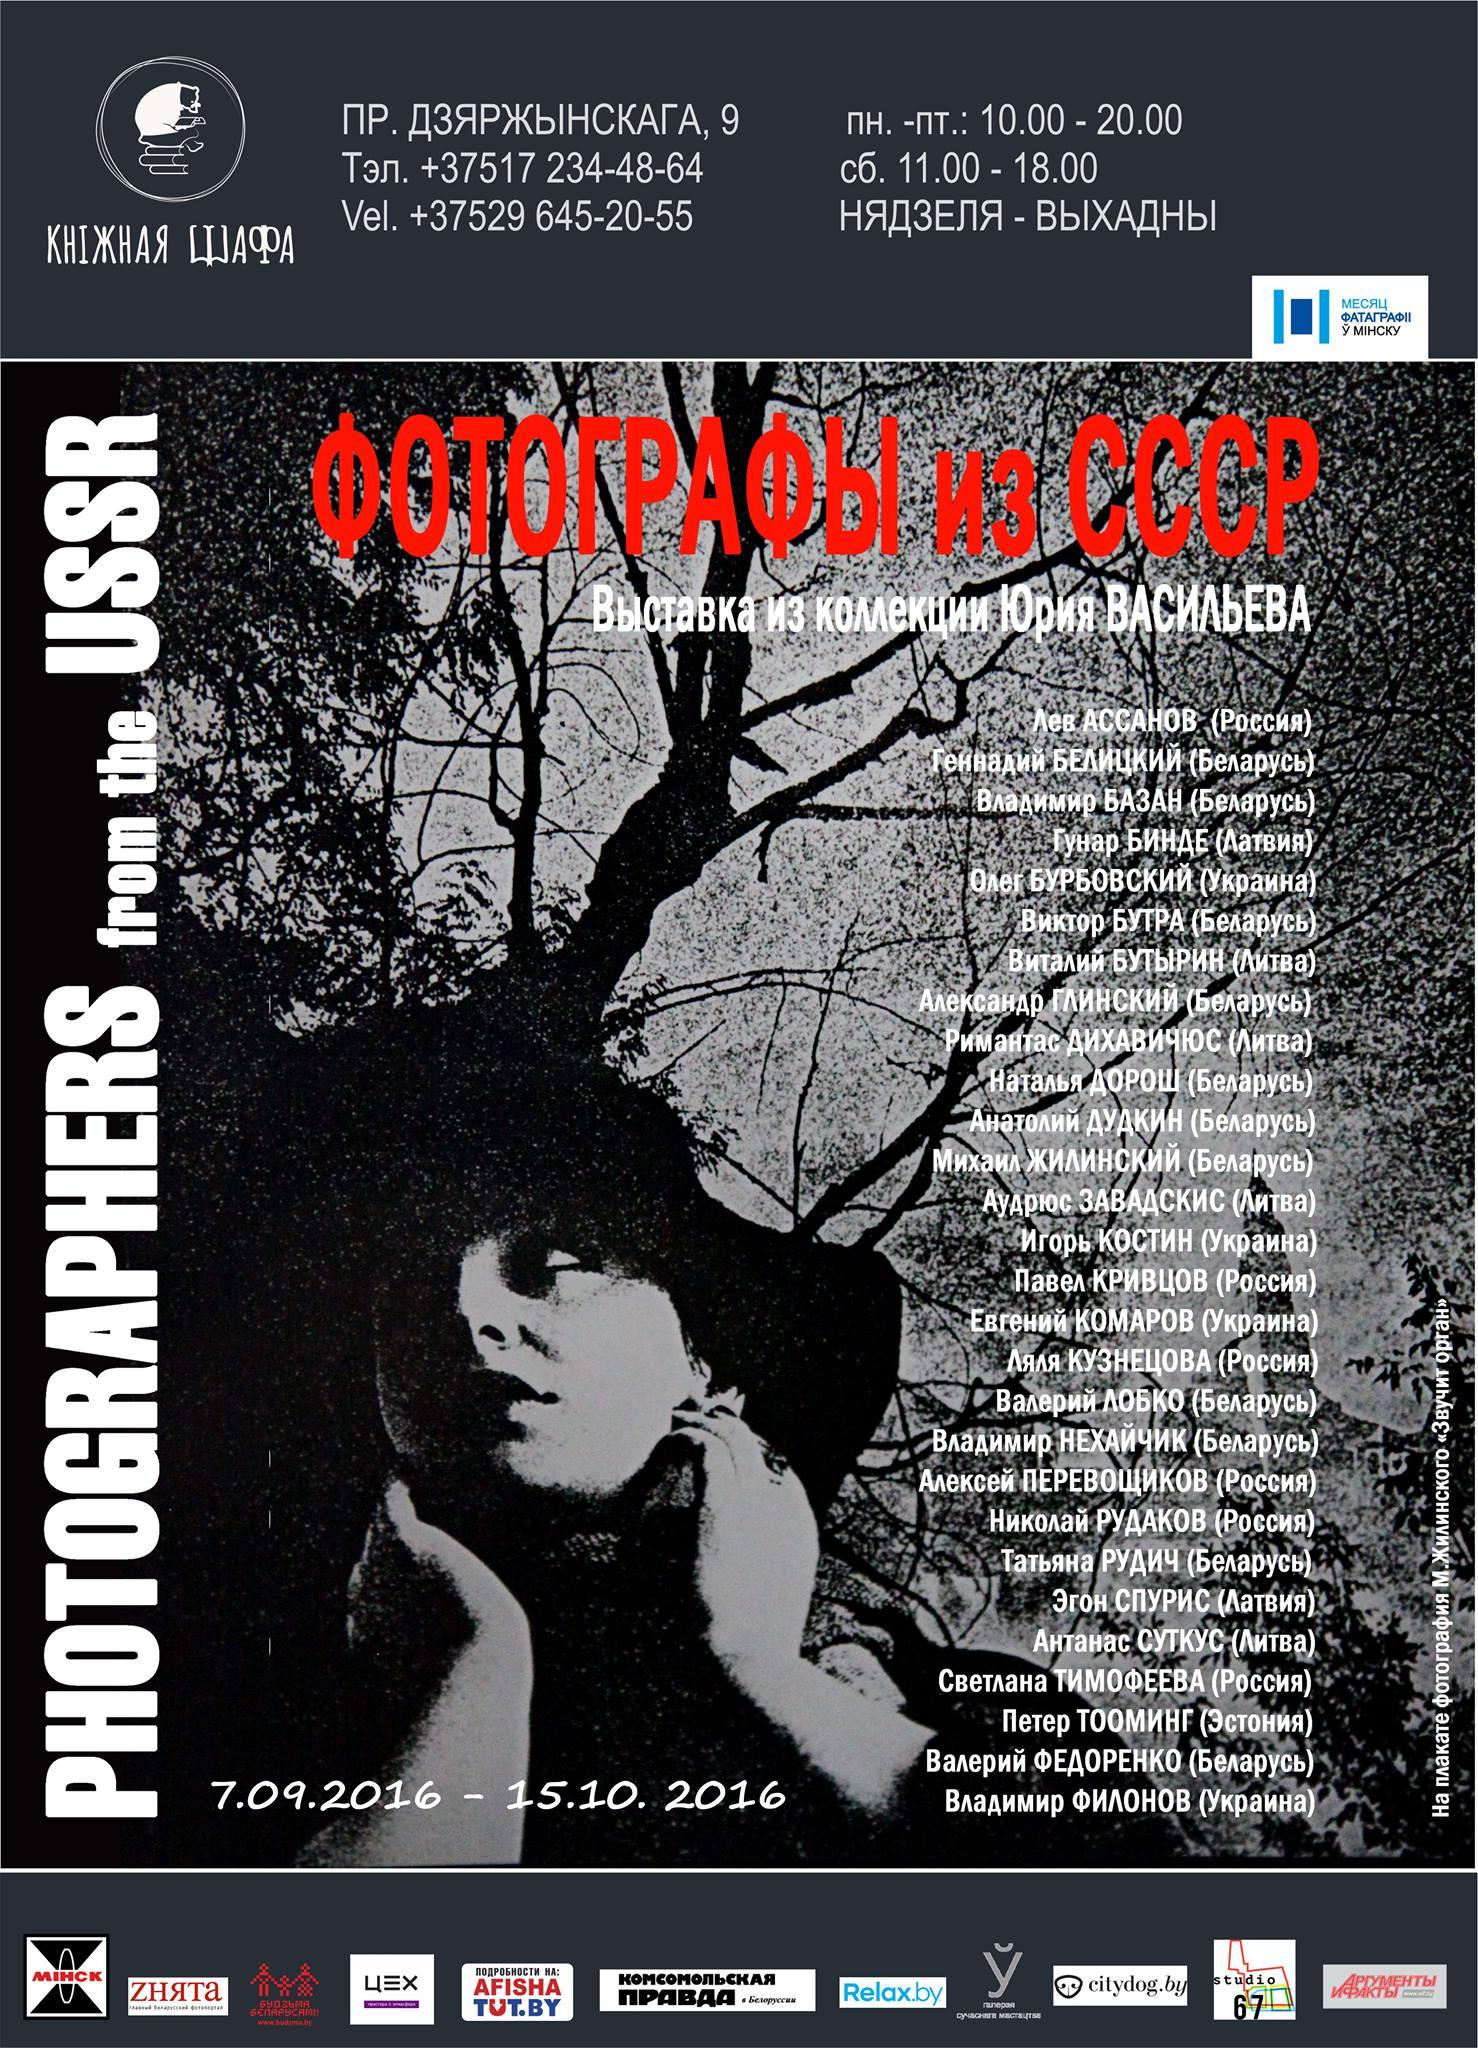 Фотовыставка коллекции Юрия Васильева Фотографы из СССР